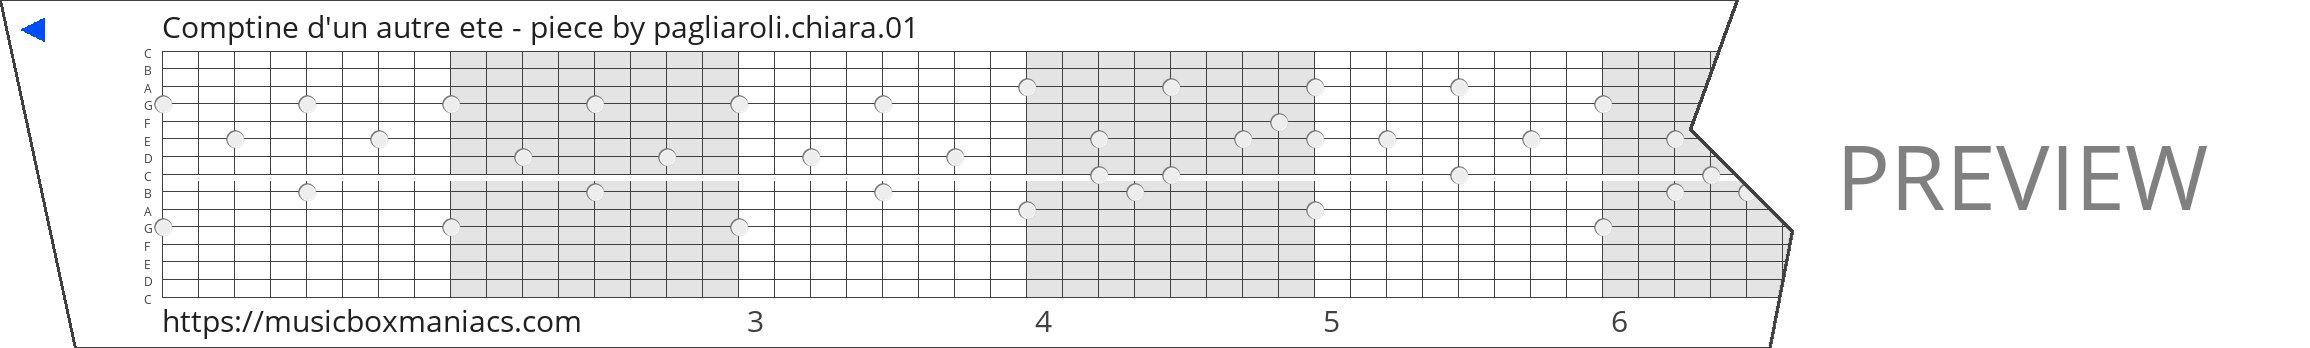 Comptine d'un autre ete - piece 15 note music box paper strip